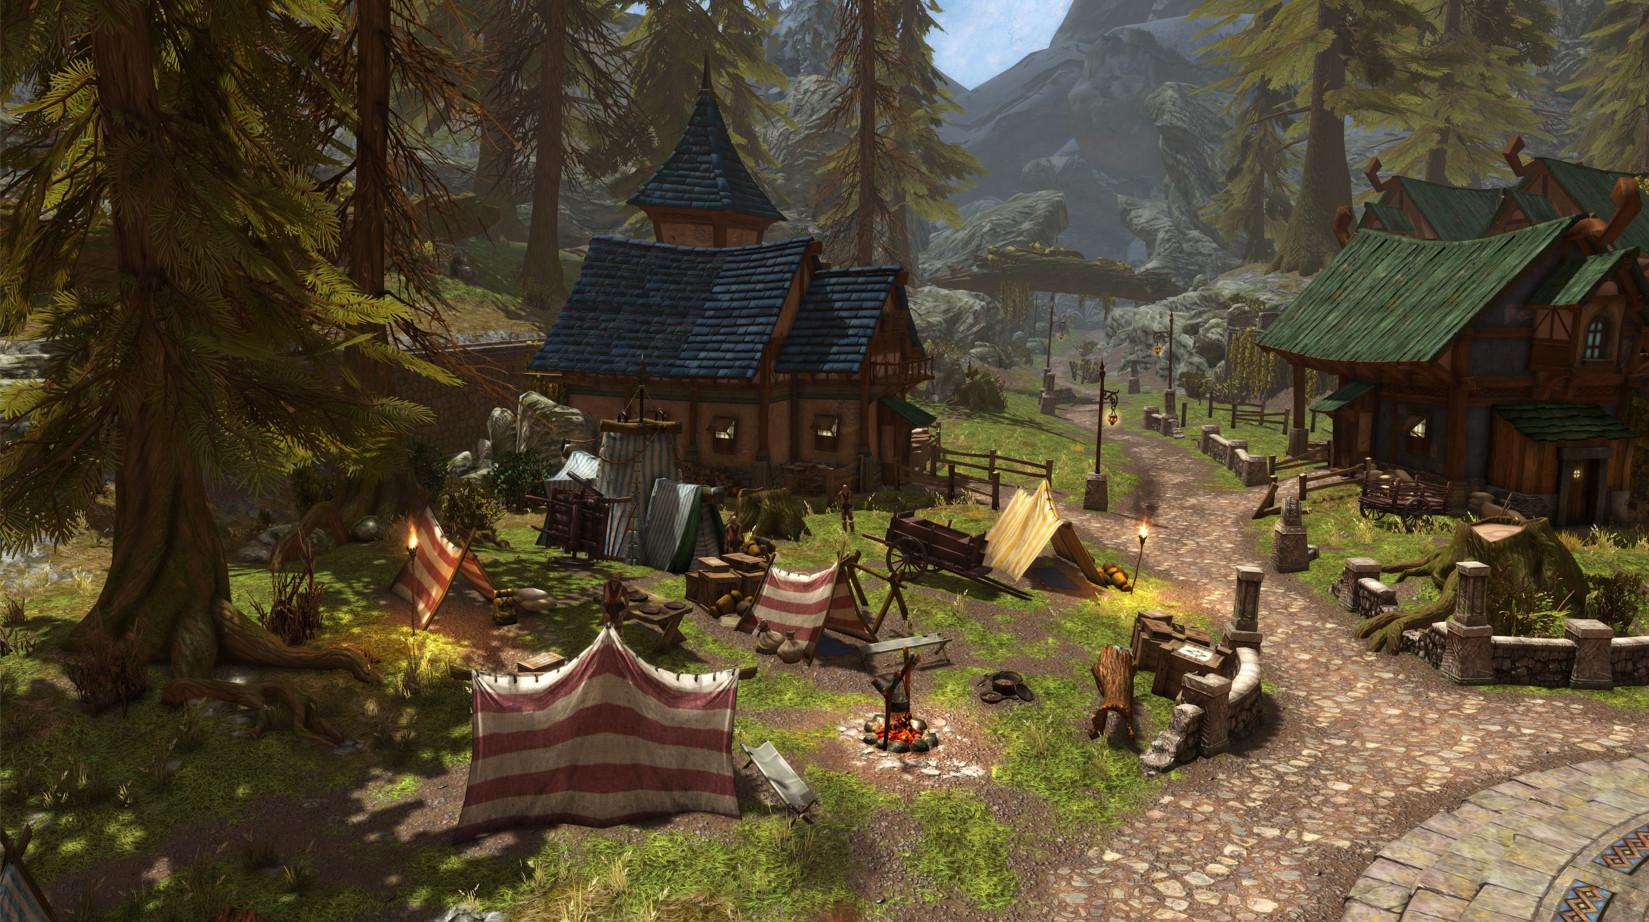 《阿玛拉王国:惩罚 重置版》新DLC或将完成 游戏背景故事公开